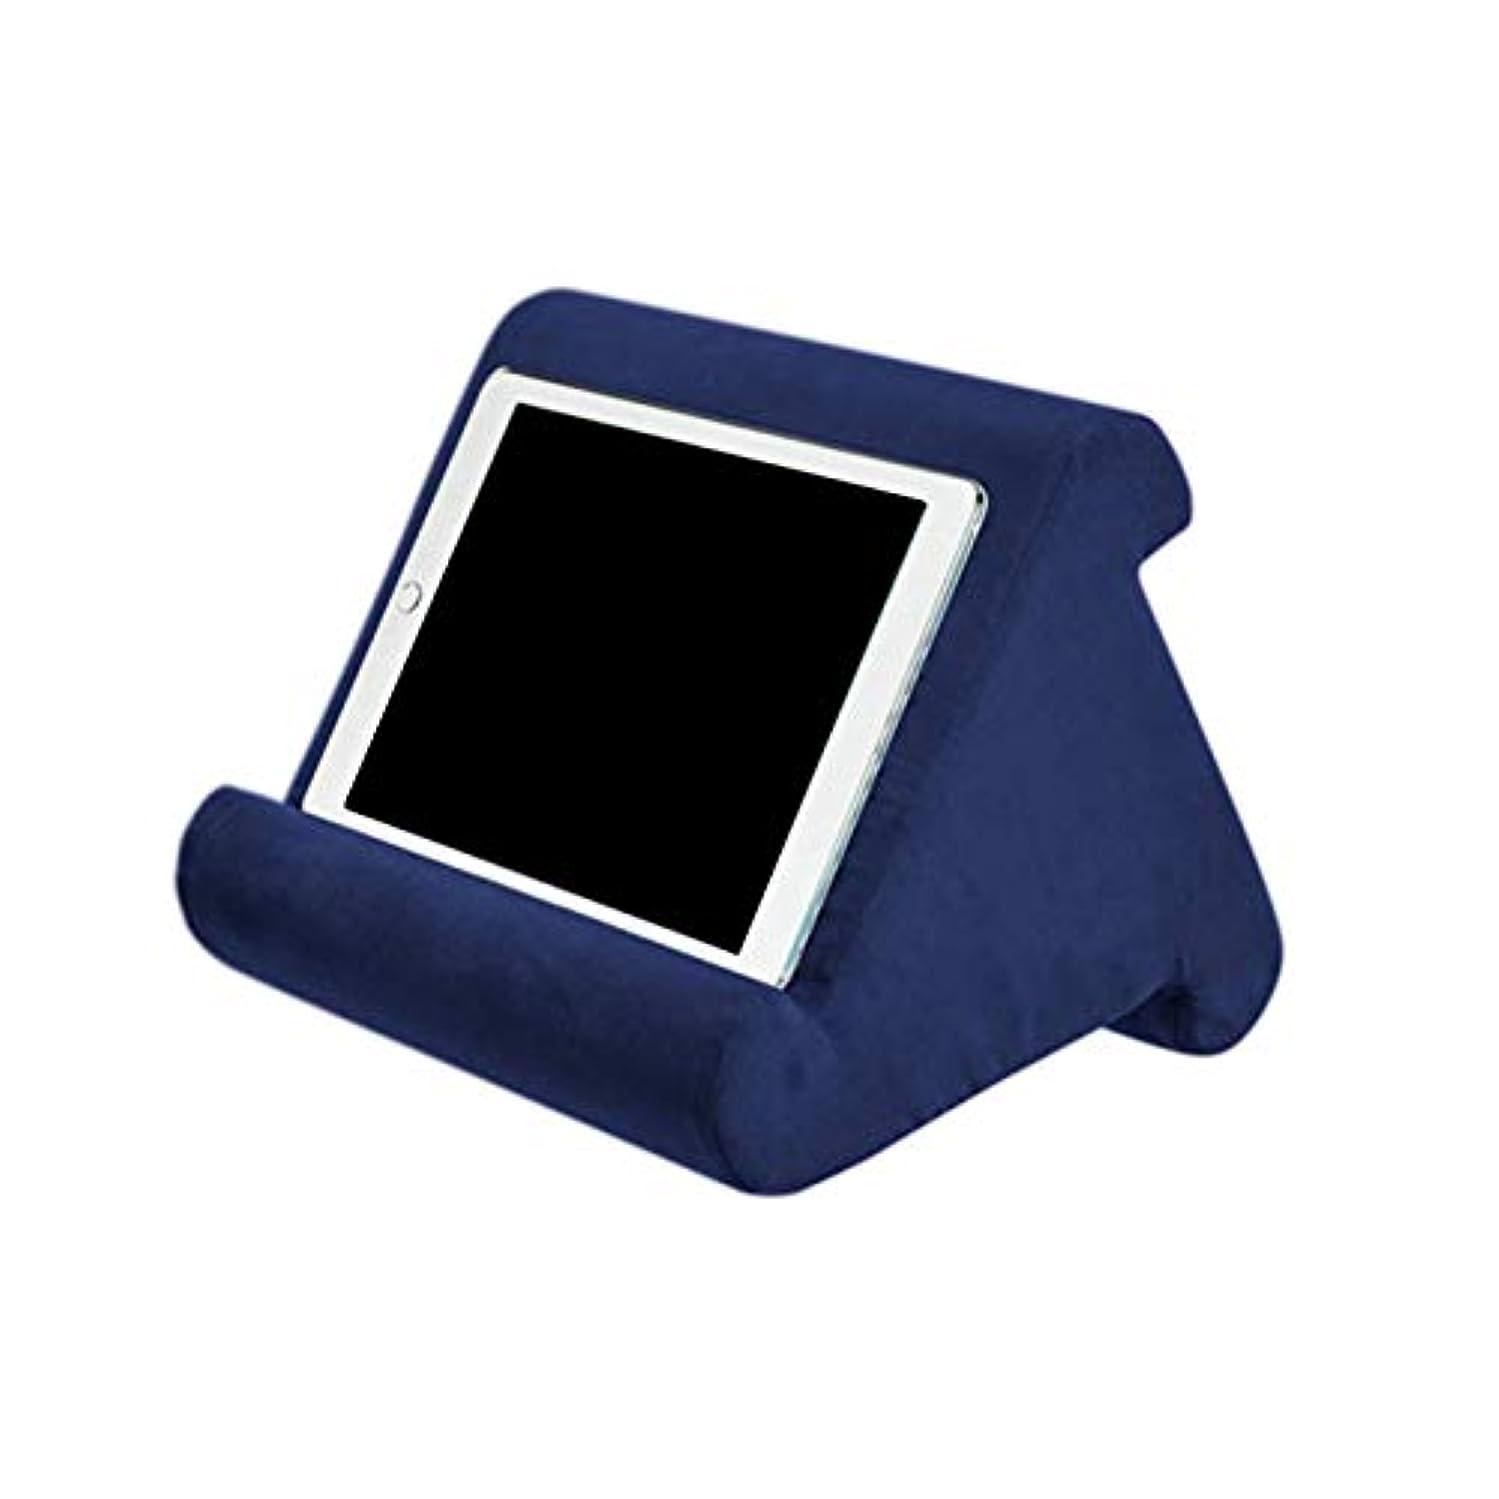 普通の性的やさしいLIFE家庭用タブレット枕ホルダースタンドブック残り読書サポートクッションベッドソファマルチアングルソフト枕ラップスタンドクッションクッション 椅子